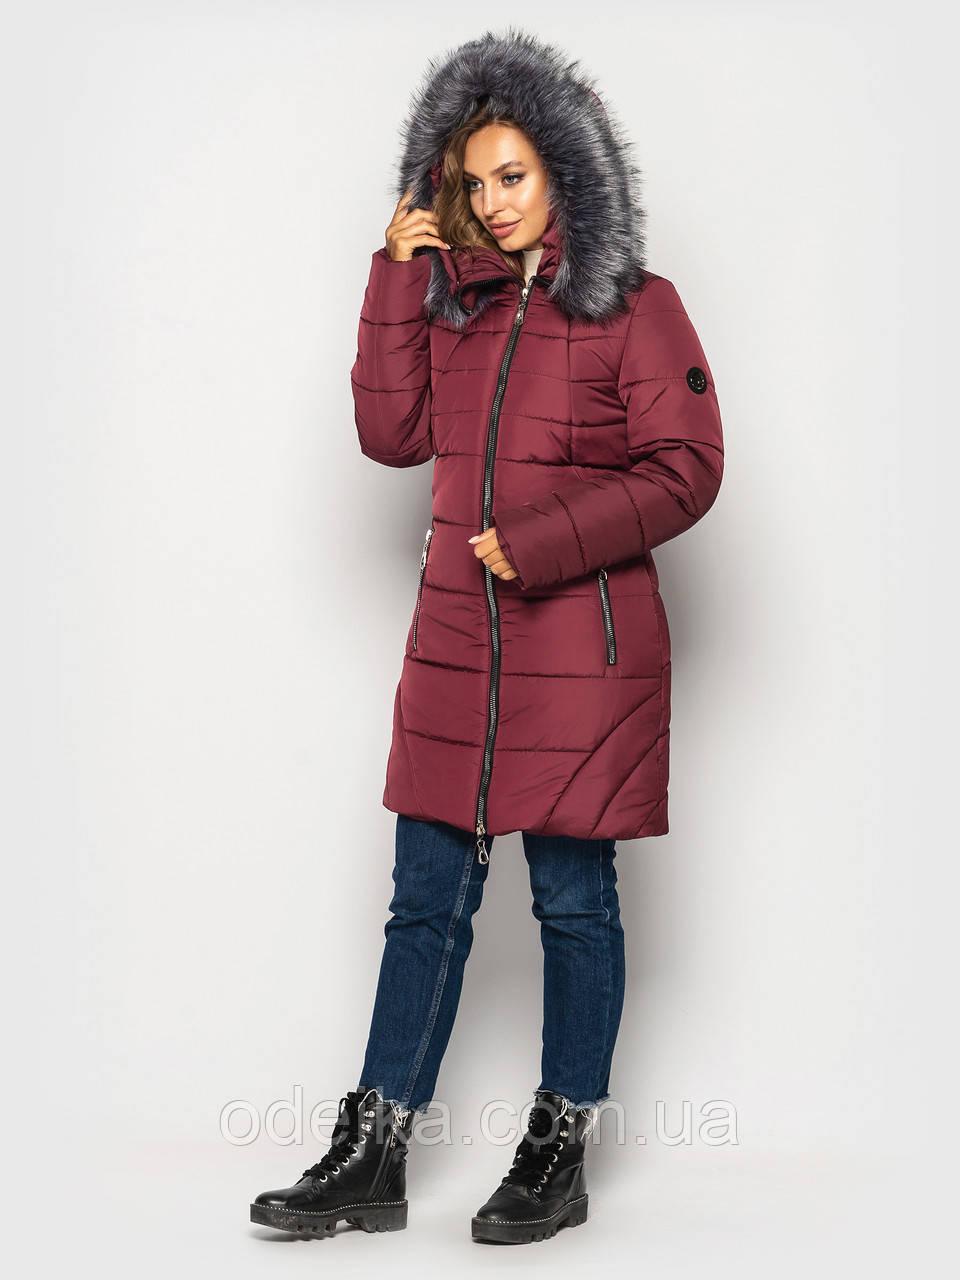 Зимняя куртка больших размеров